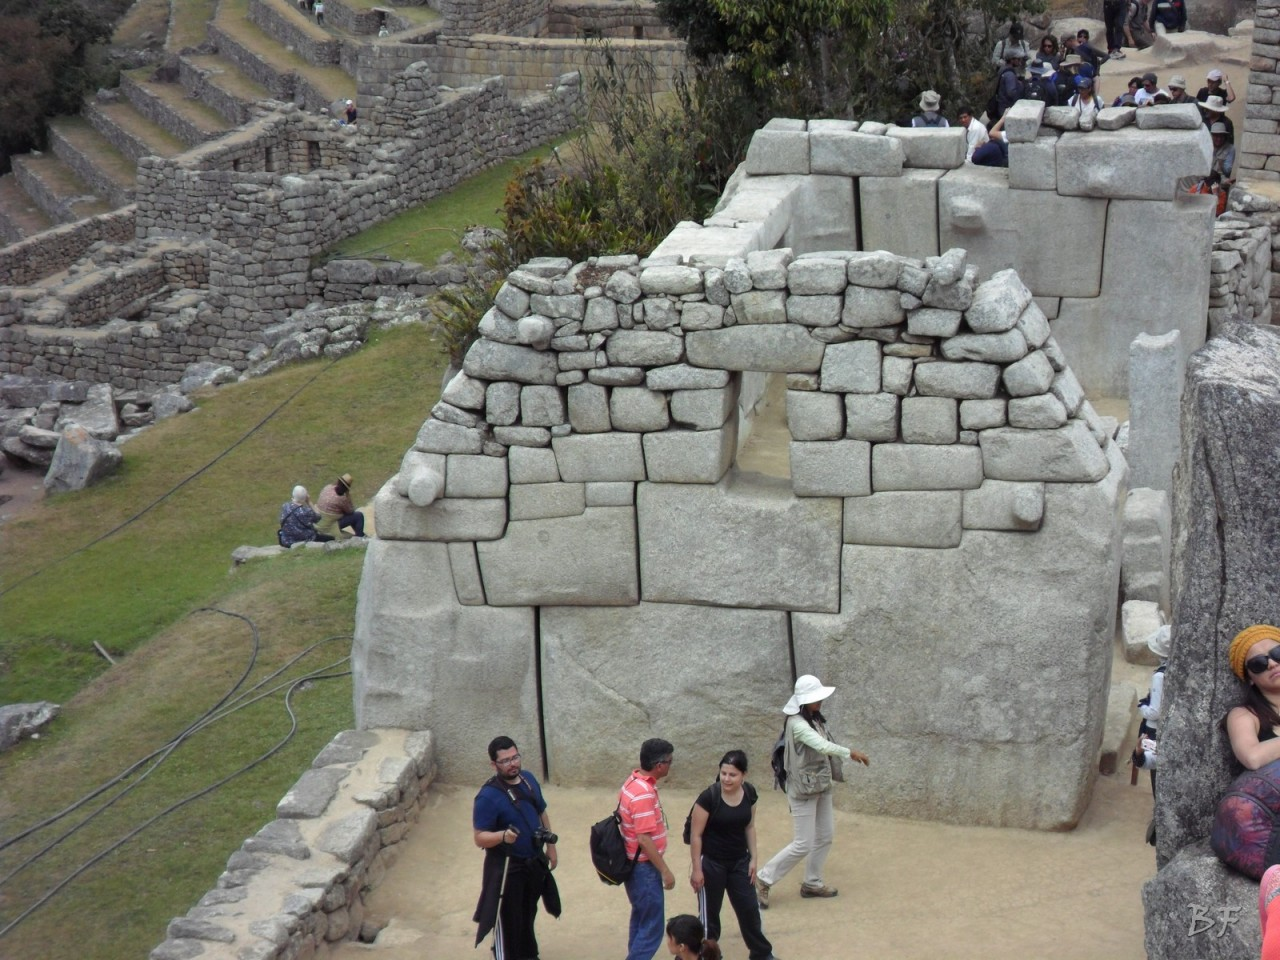 Mura-Poligonali-Incisioni-Altari-Edifici-Rupestri-Megaliti-Machu-Picchu-Aguas-Calientes-Urubamba-Cusco-Perù-115